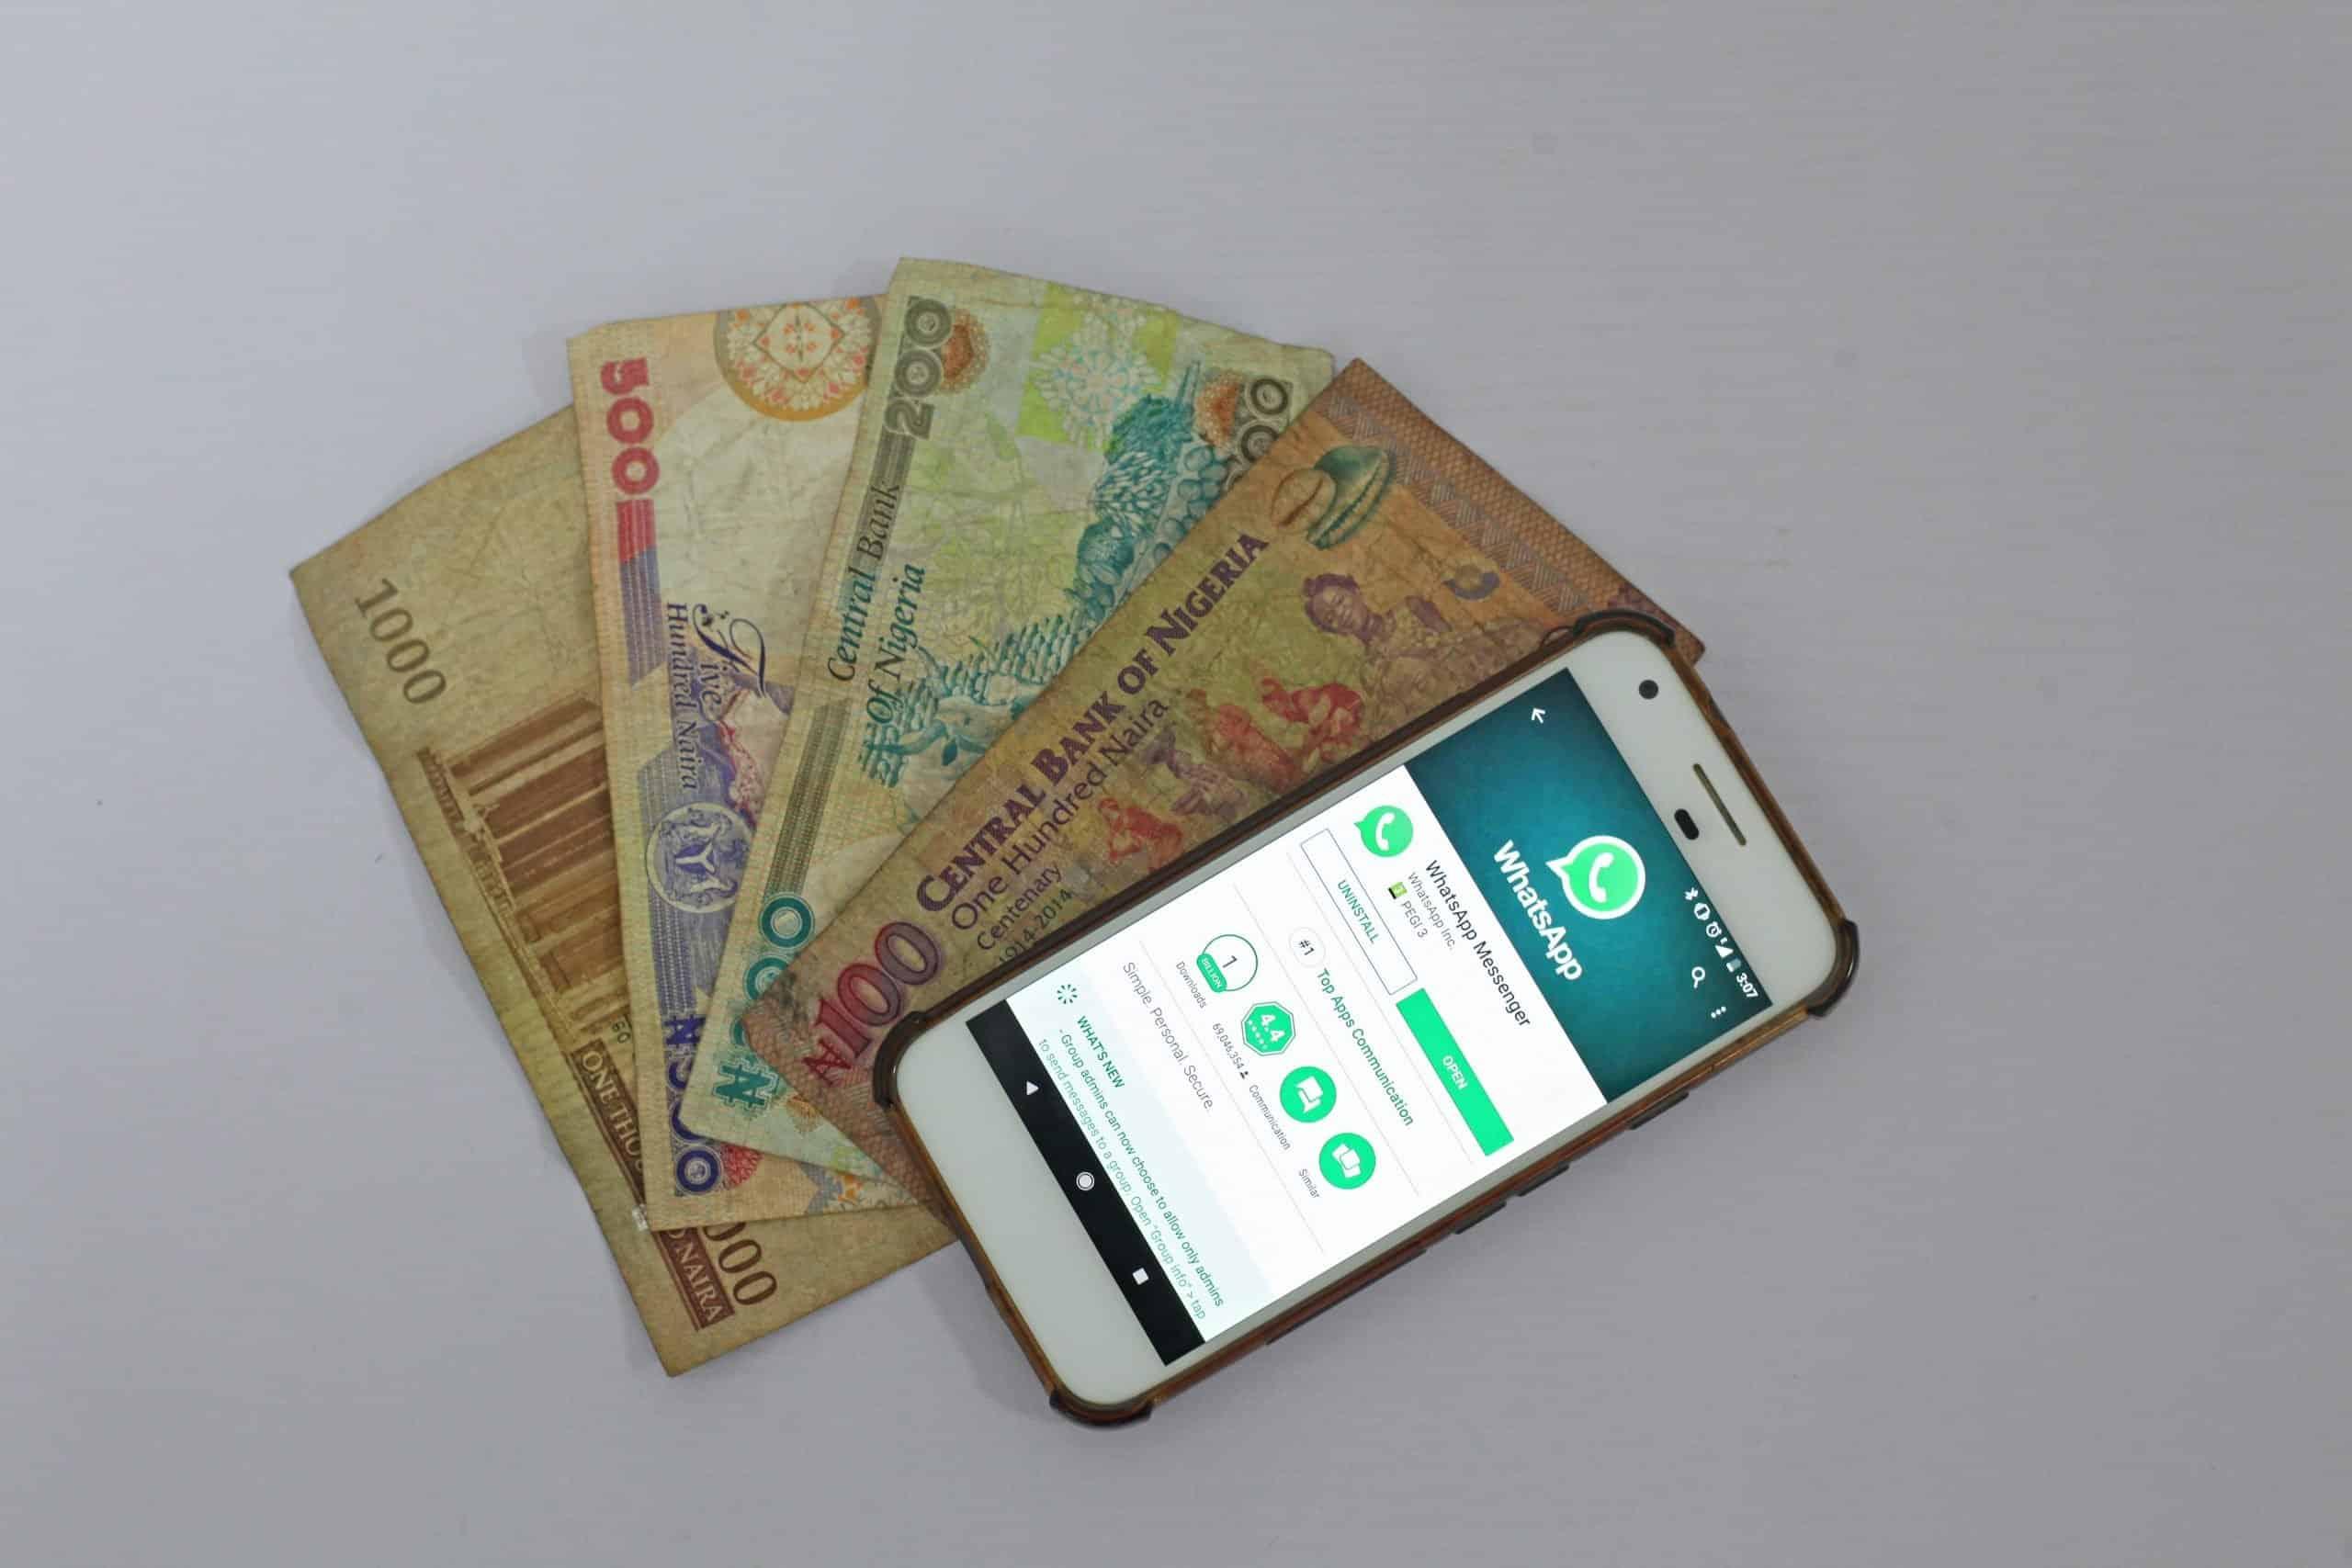 lehet-e pénzt keresni az opciócsere-felülvizsgálatokon? hogyan és hol lehet több pénzt keresni